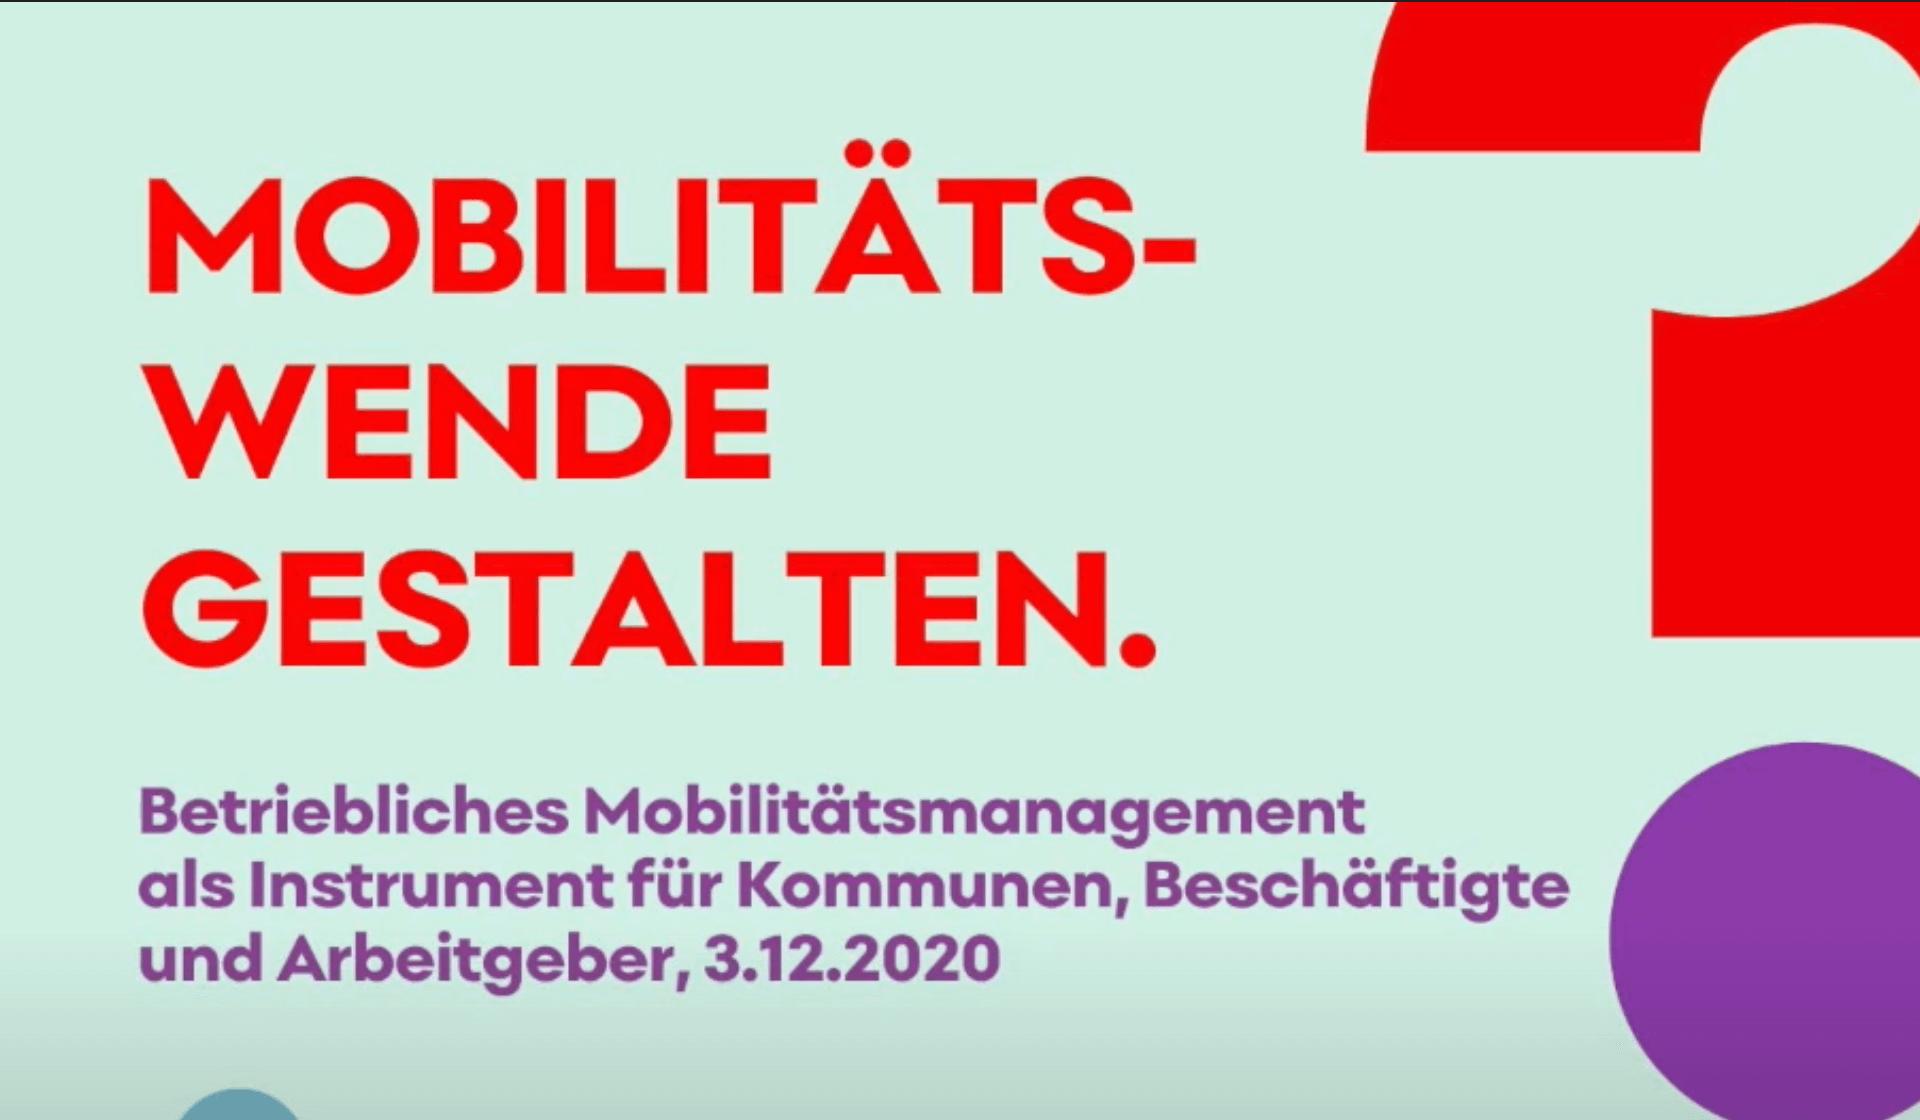 Mobilitätswende gestalten: Betriebliches Mobilitätsmanagement als Instrument für Kommunen, Beschäftigte und Arbeitgeber